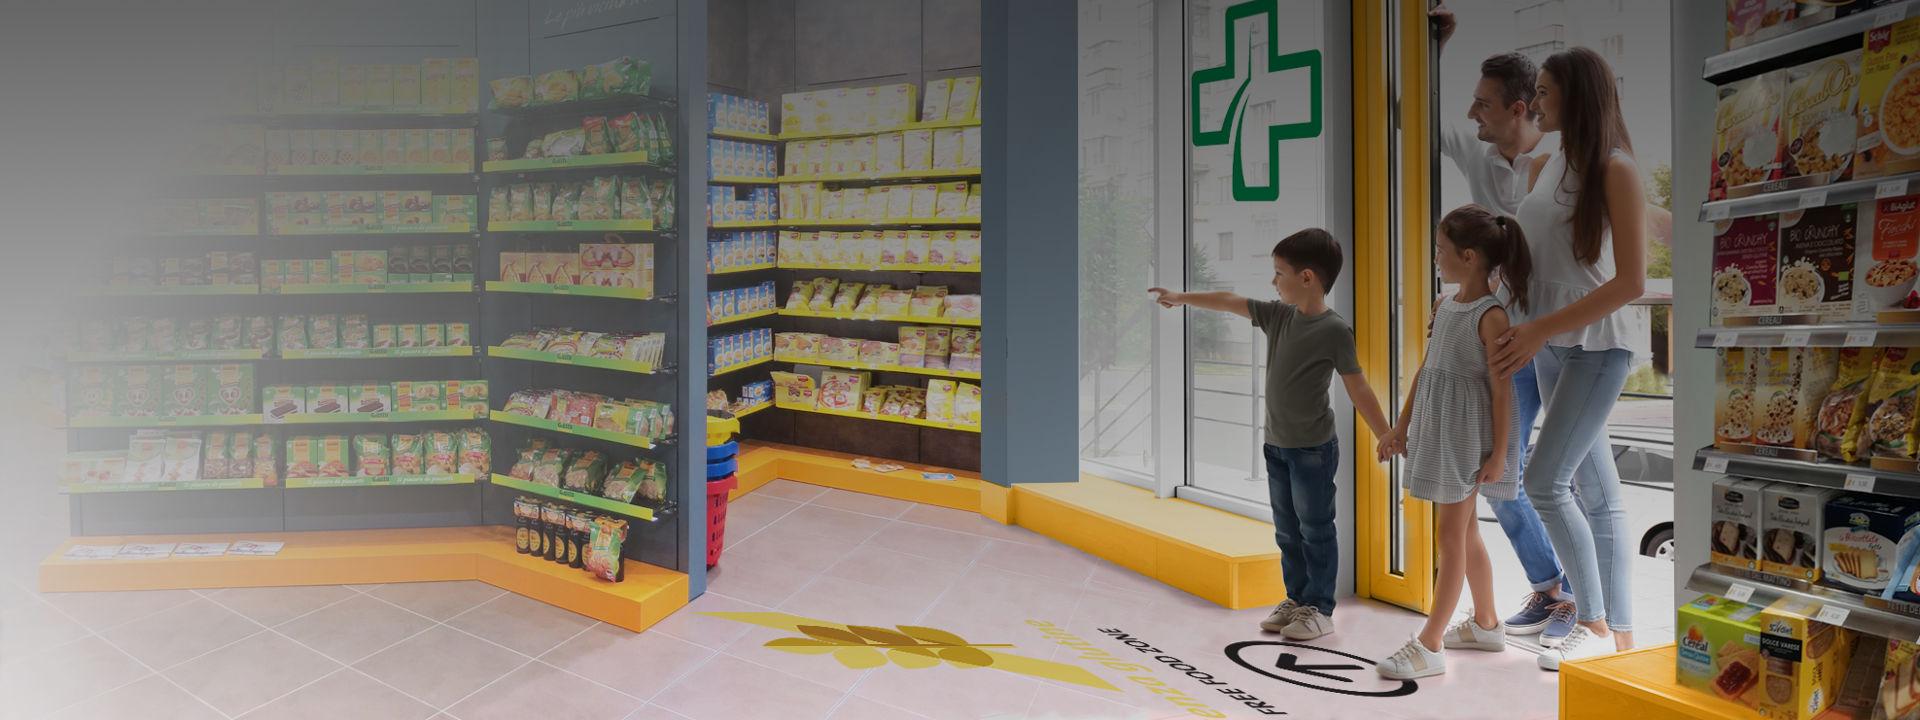 Spazio Gluten Free - Farmacie Comunali Torino